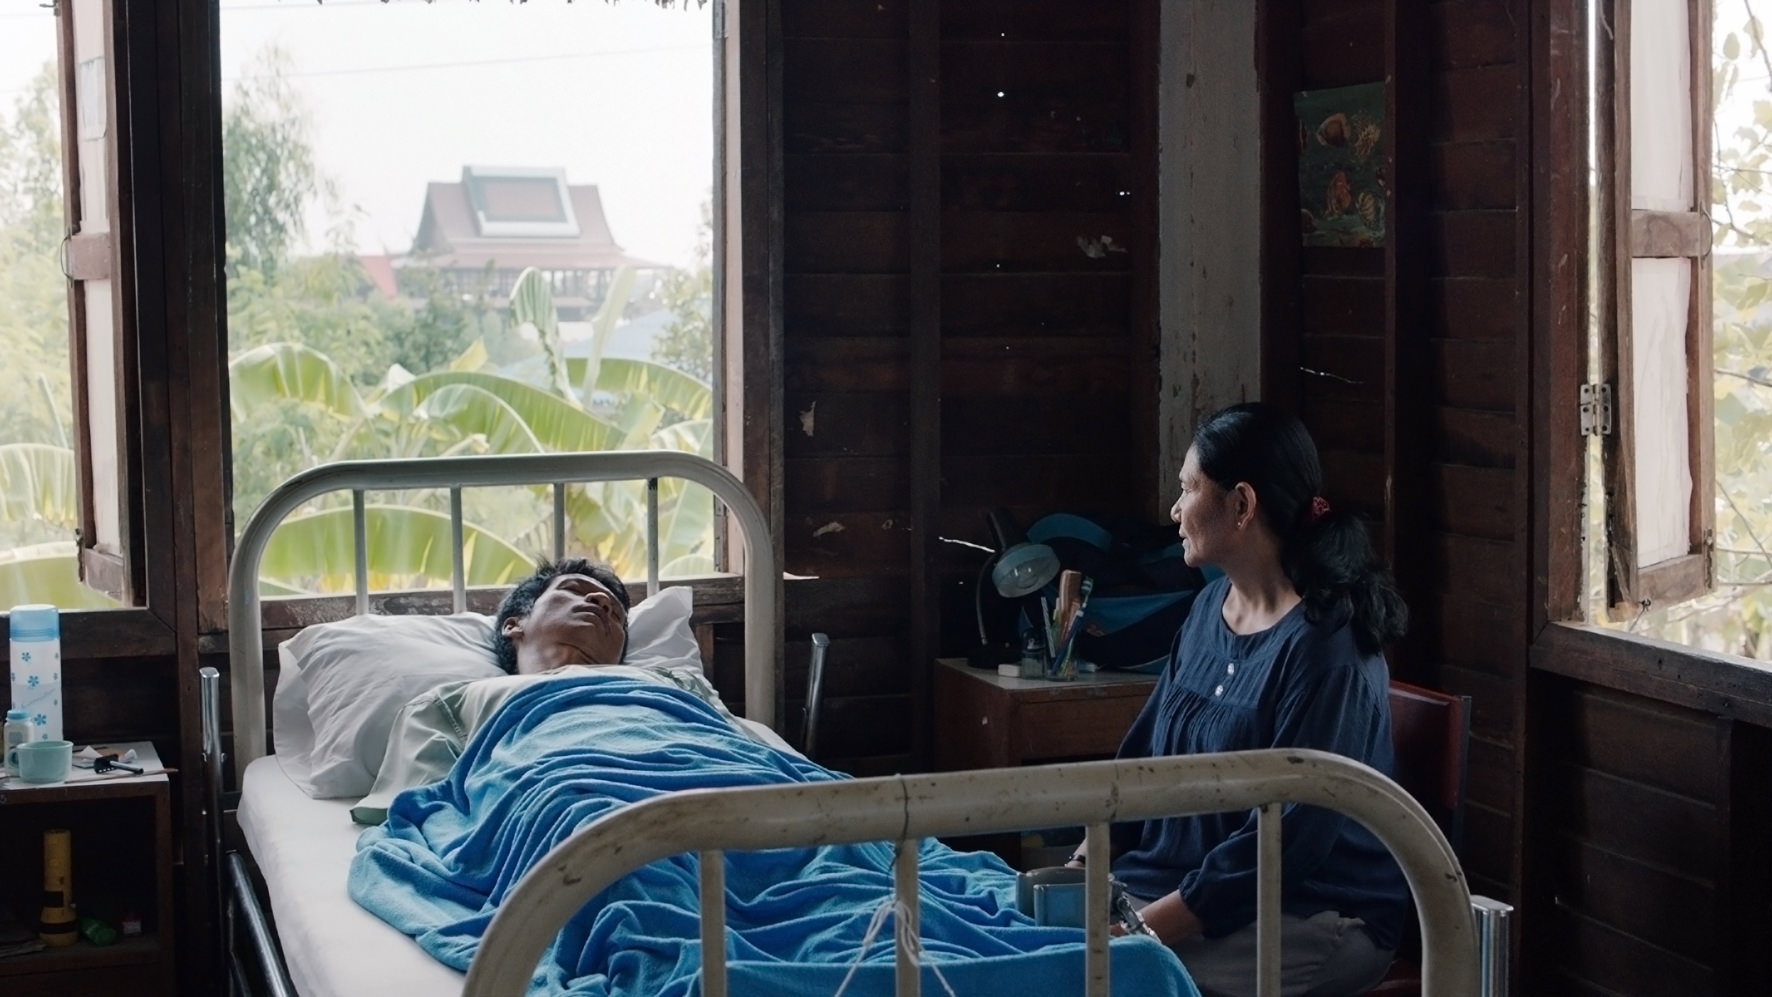 The waking dreams of Apichatpong Weerasethakul